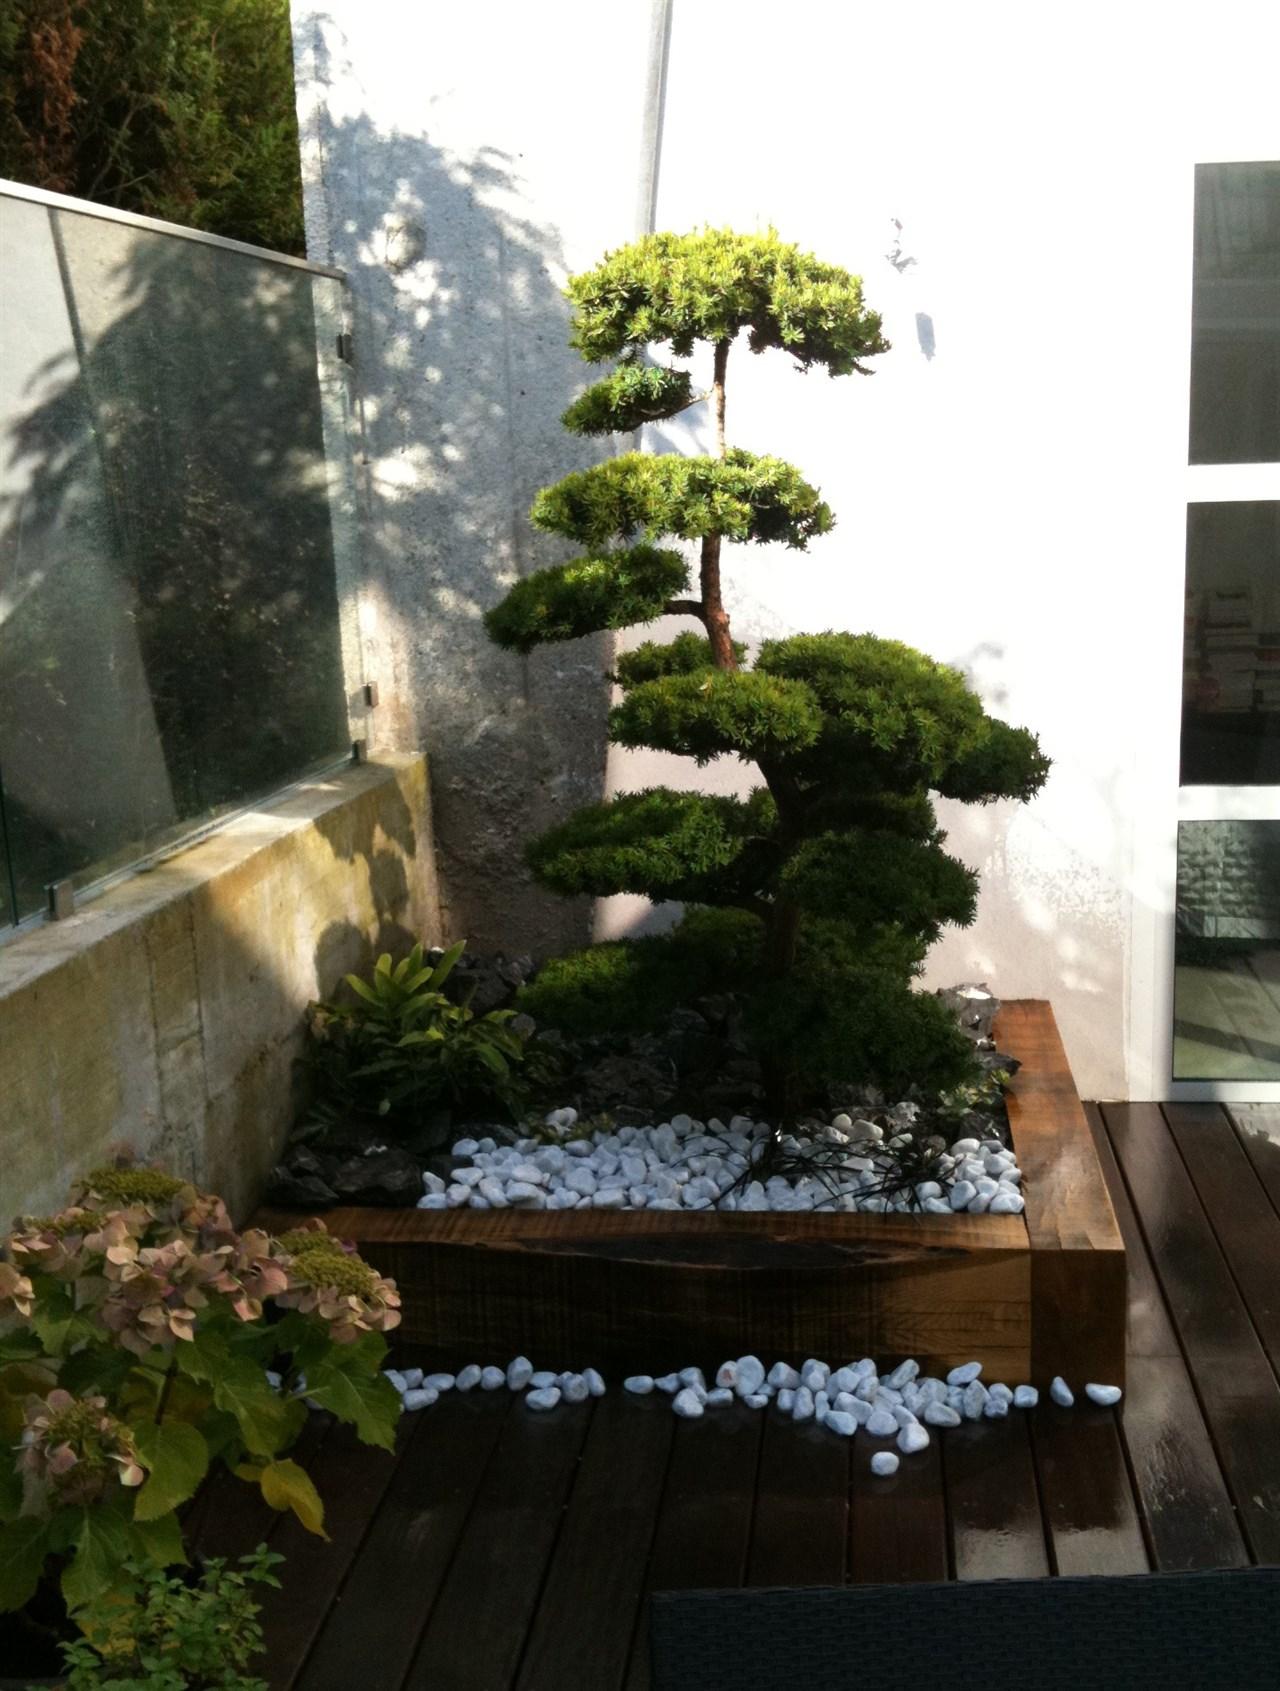 Planté dans un petit jardin terrasse privé à Annecy. La jardinière est incrustée dans la terrasse en ipé.